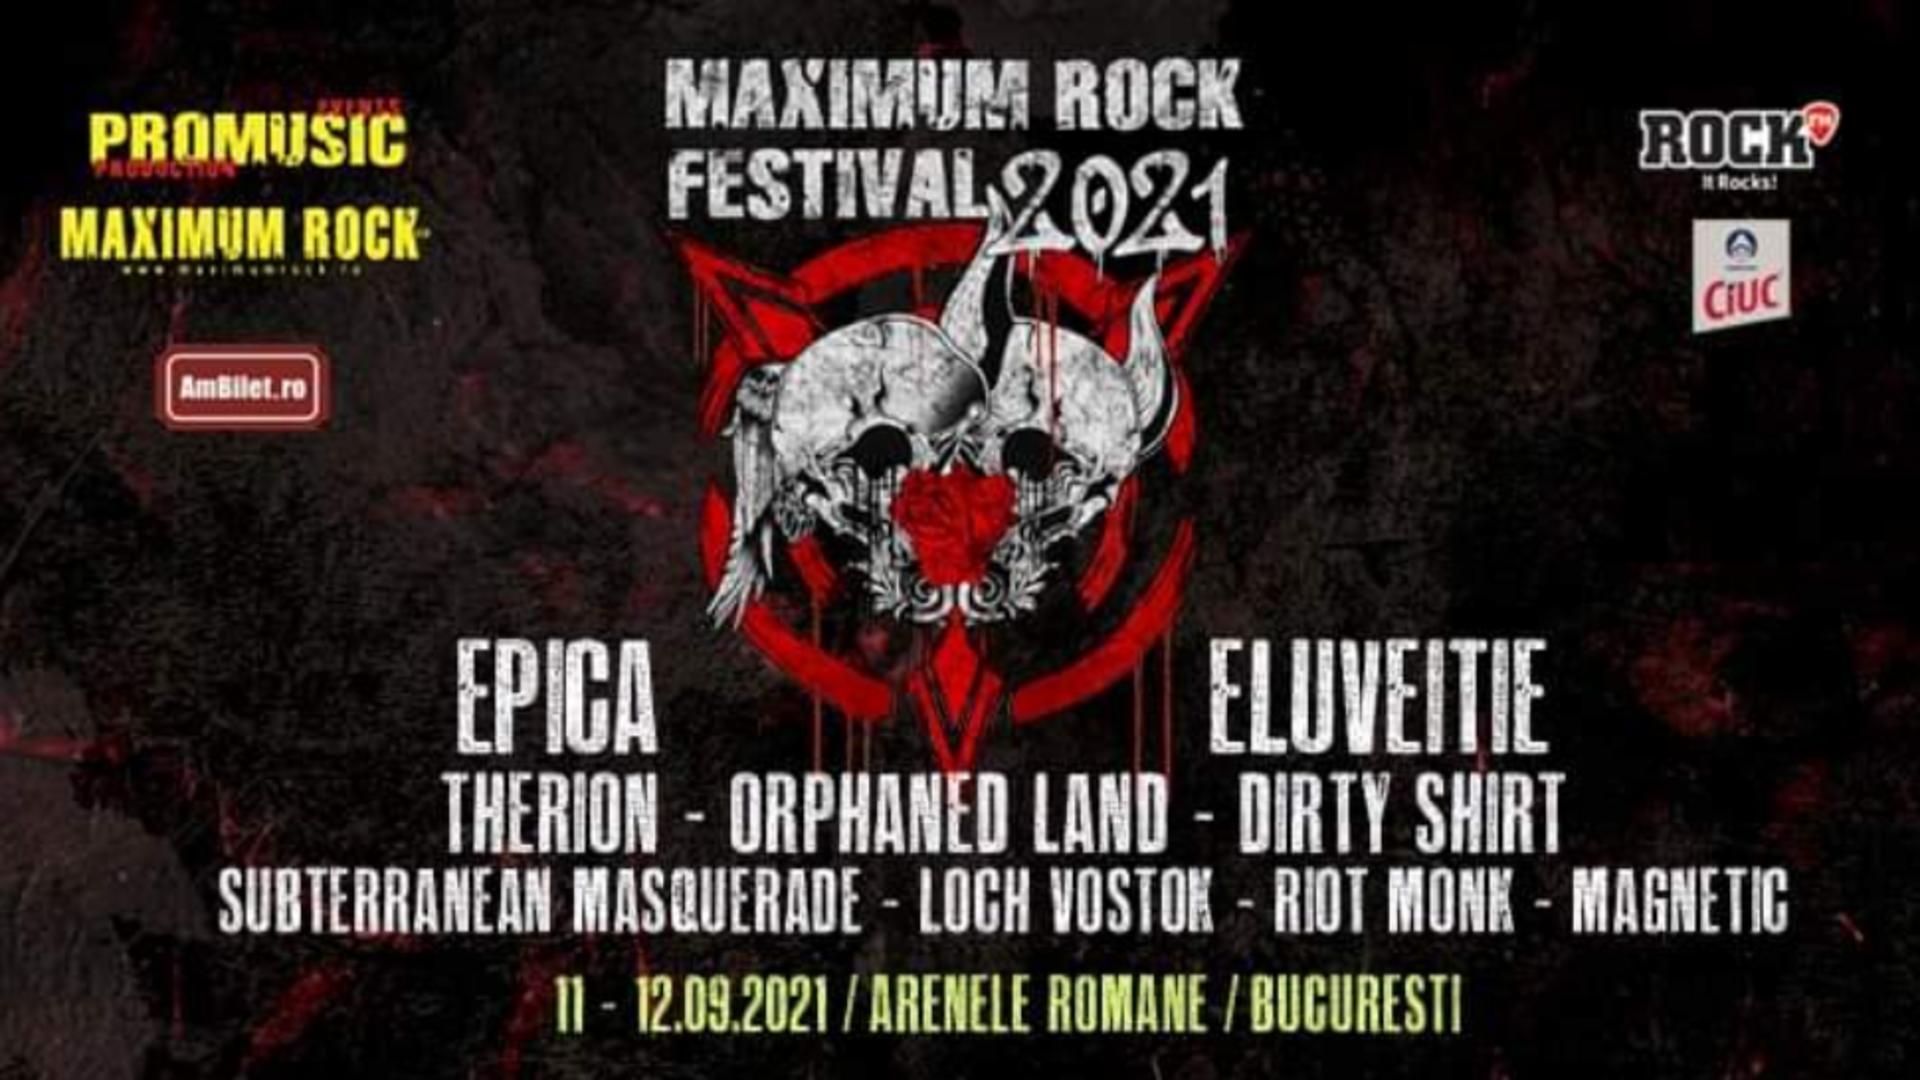 Festivalul Maximum Rock EDIȚIA 2021 - 11-12 septembrie